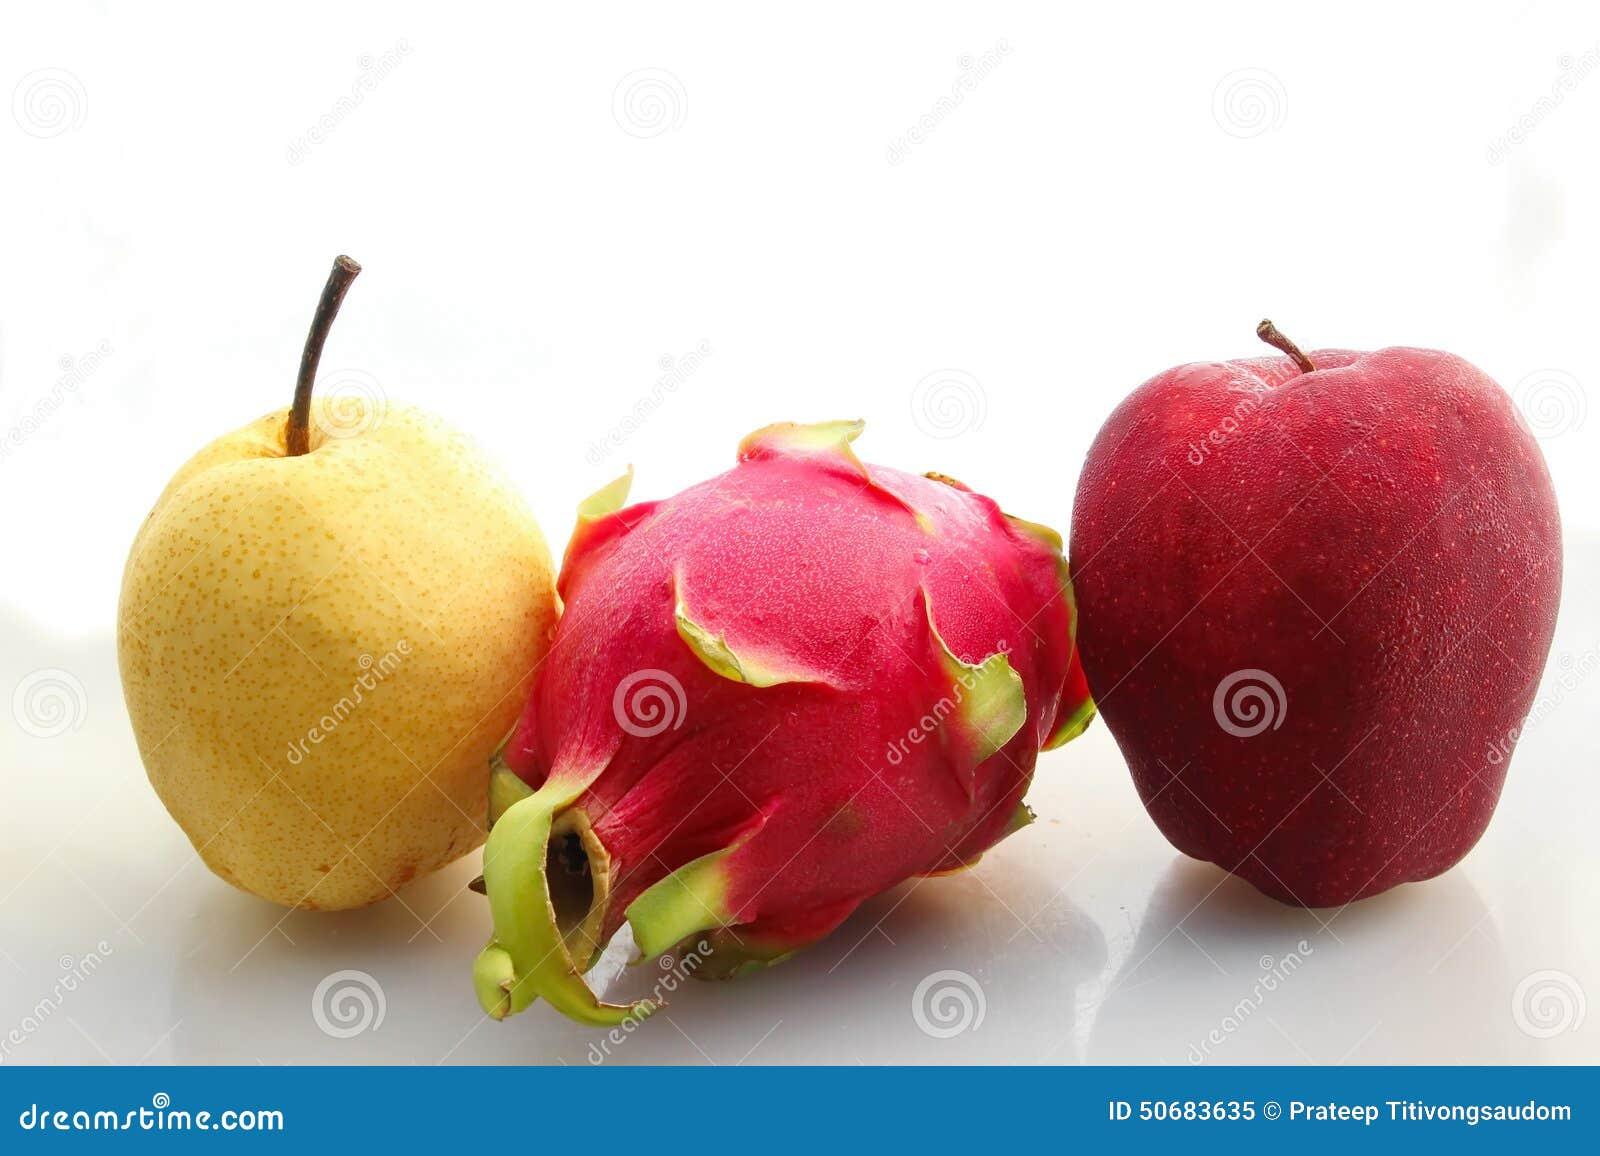 Download 红色苹果pitaya和梨 库存图片. 图片 包括有 空白, 果子, 本质, 食物, 黄色, 红色, 查出 - 50683635